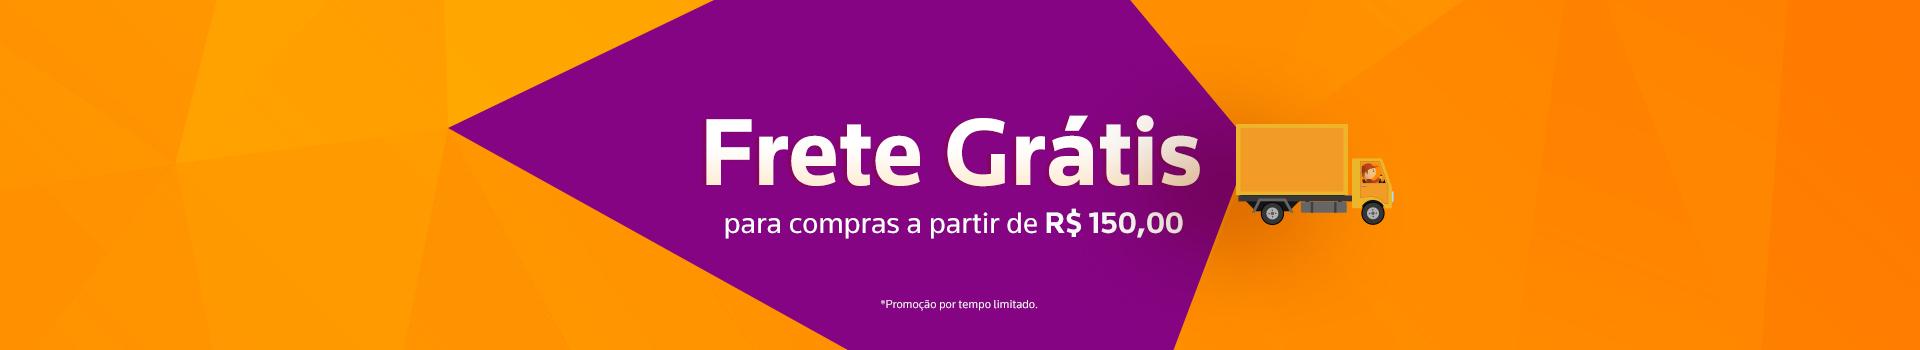 Frete Grátis 150,00